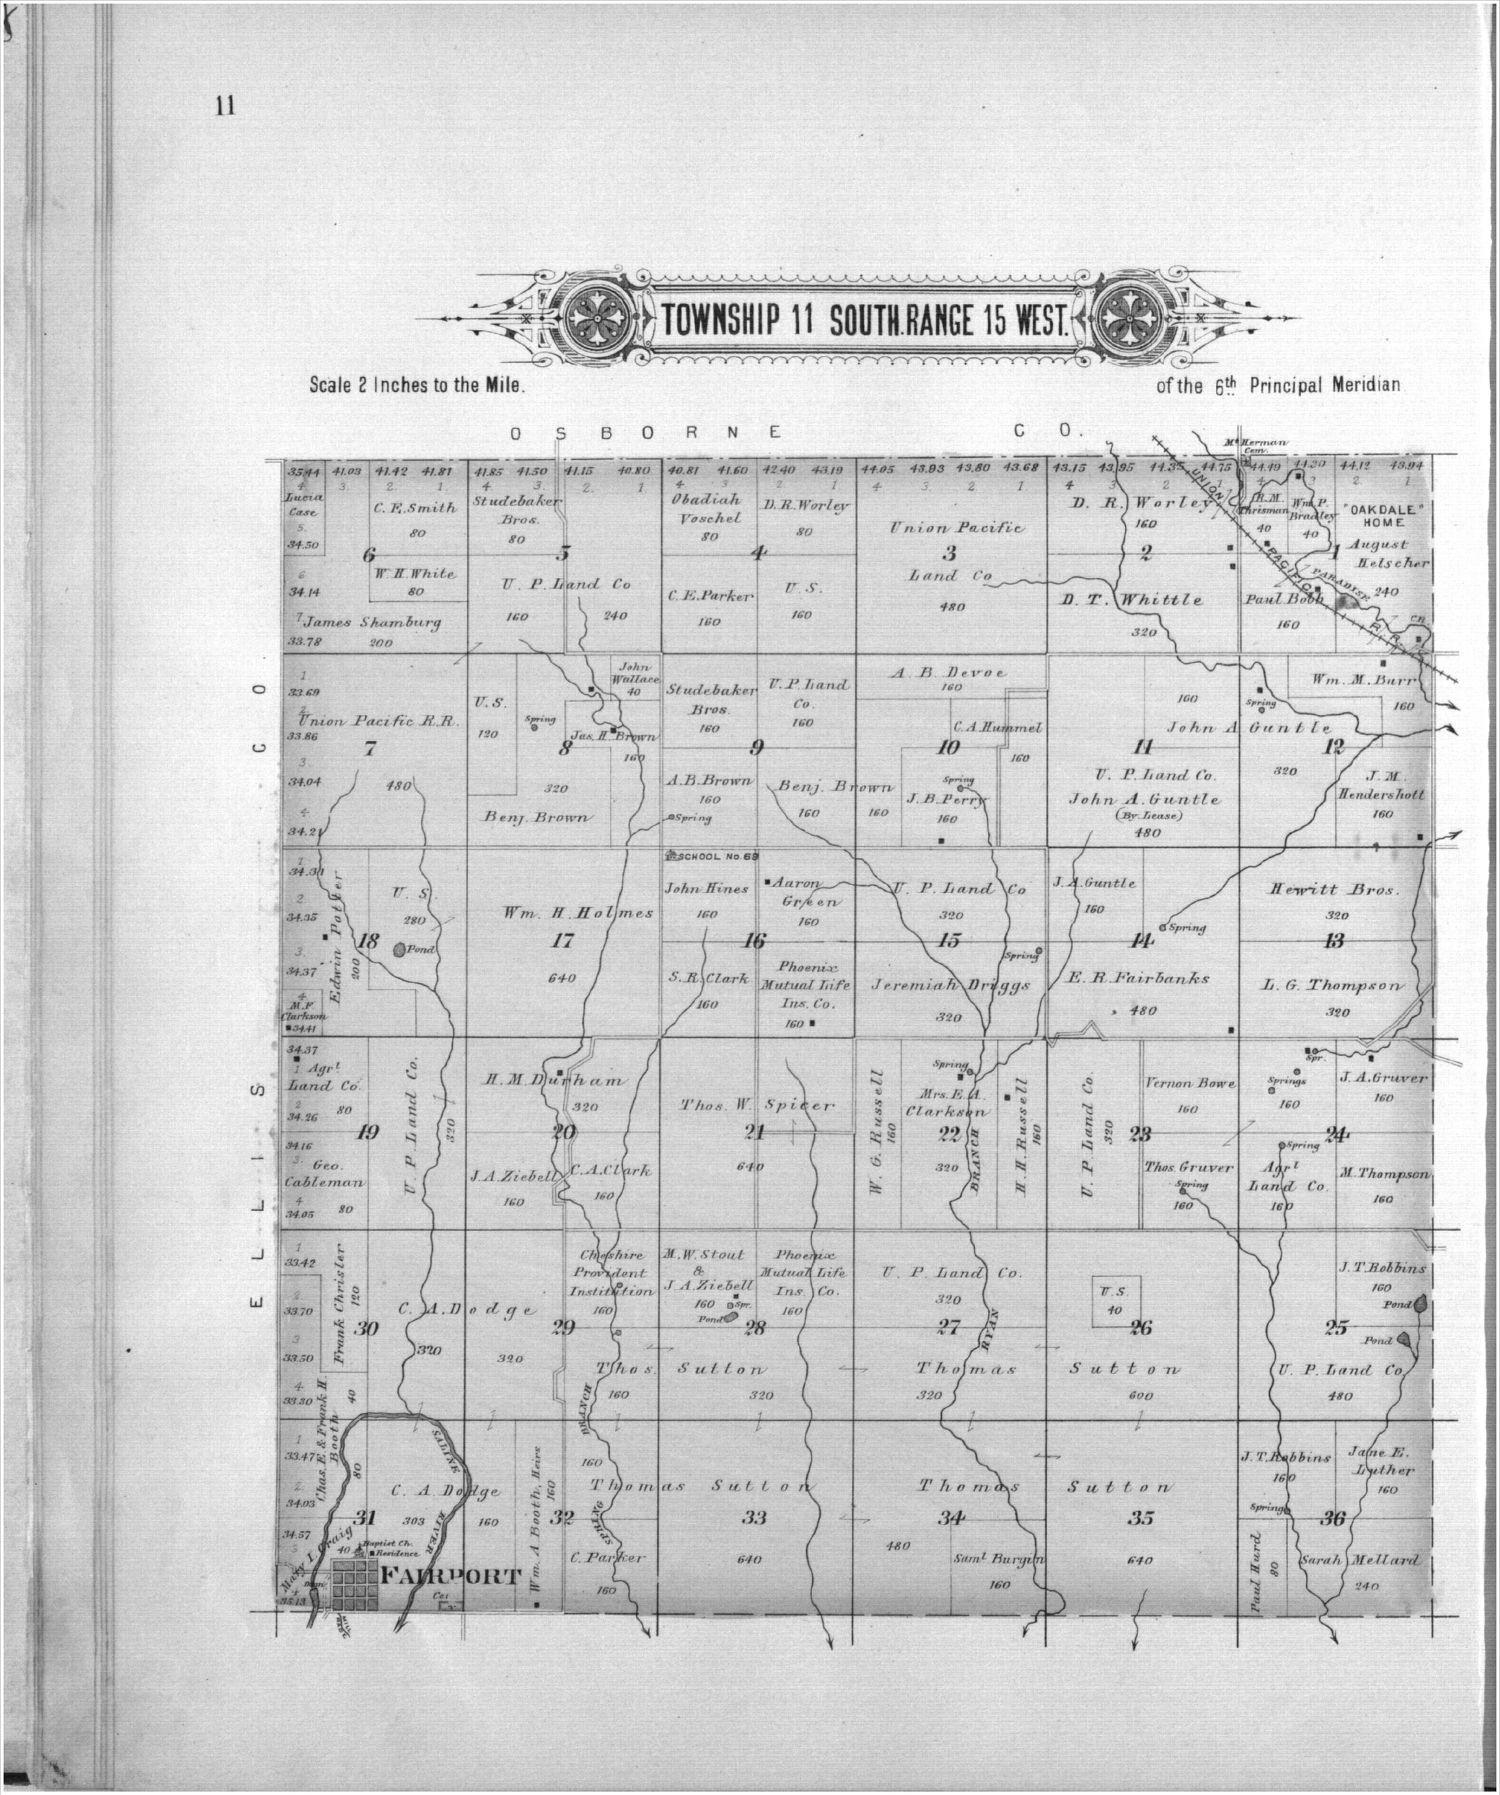 Plat book, Russell County, Kansas - 11